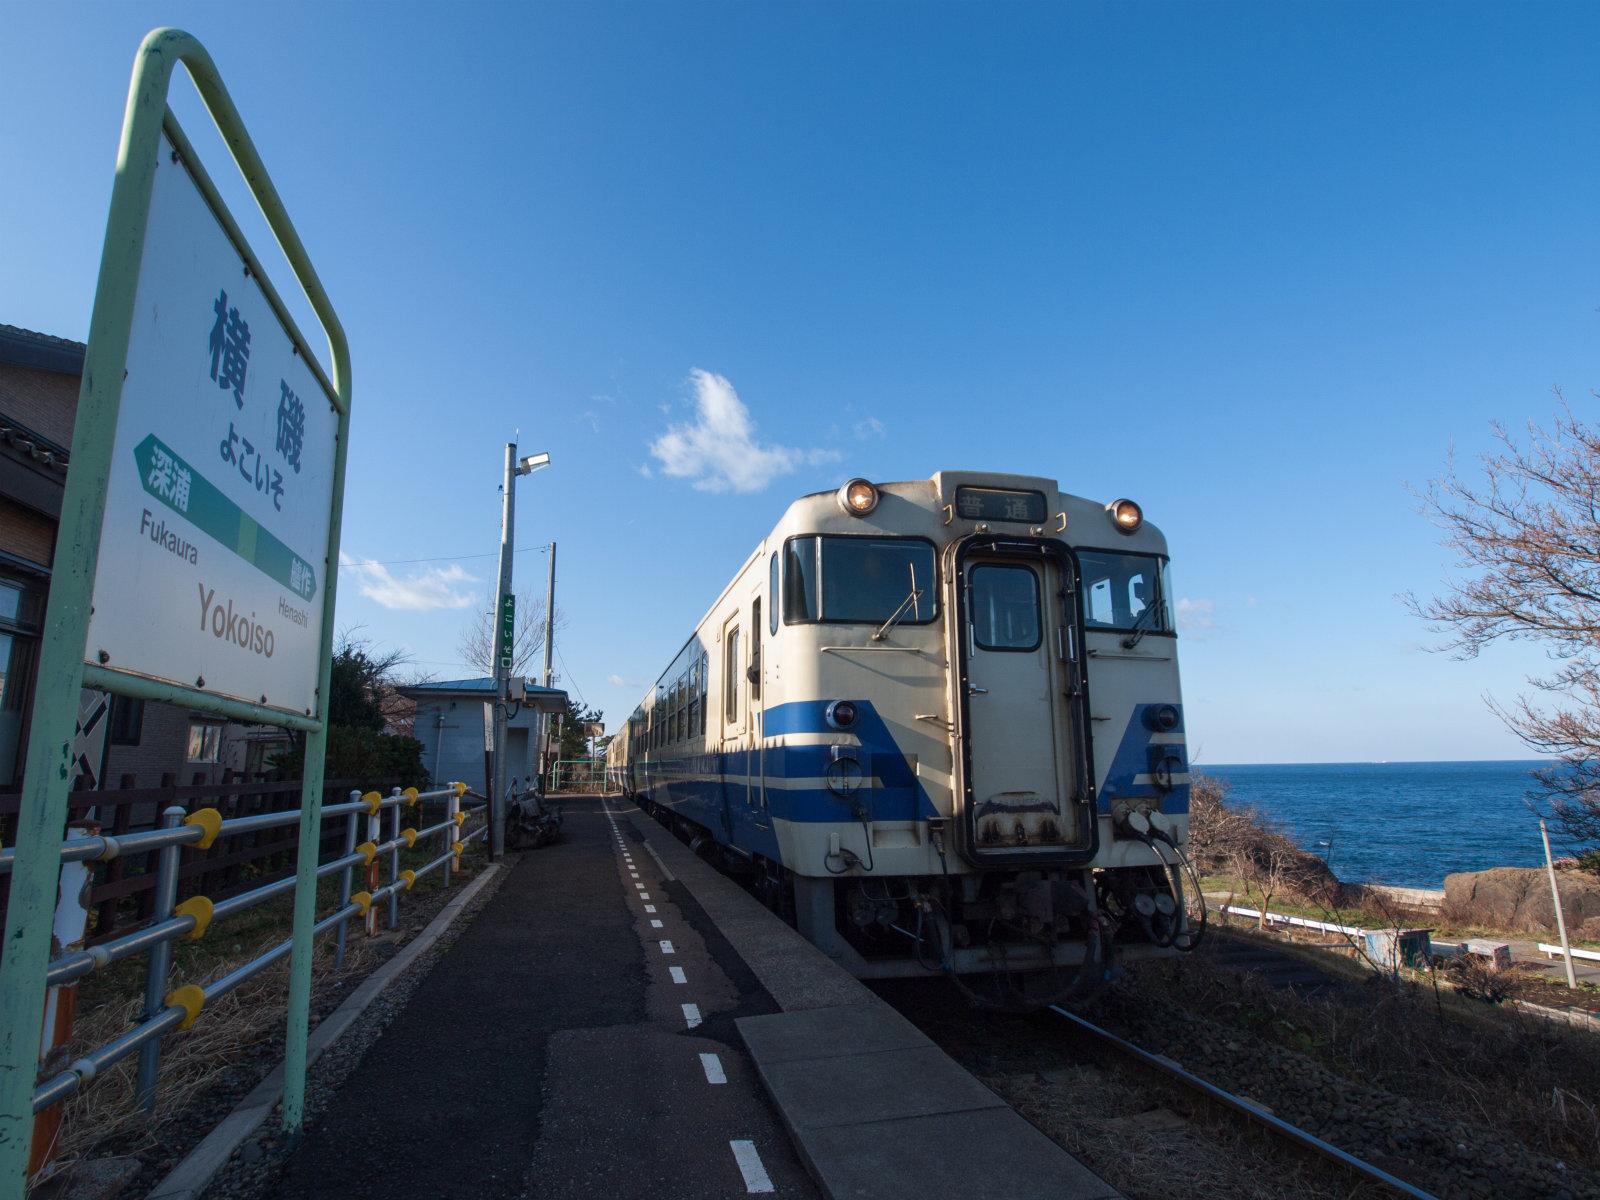 朝9時、弘前行きの列車がやって来ました。この次は12時、その次は18時。貴重な列車です。それにしても青いラインが景色に似合います。